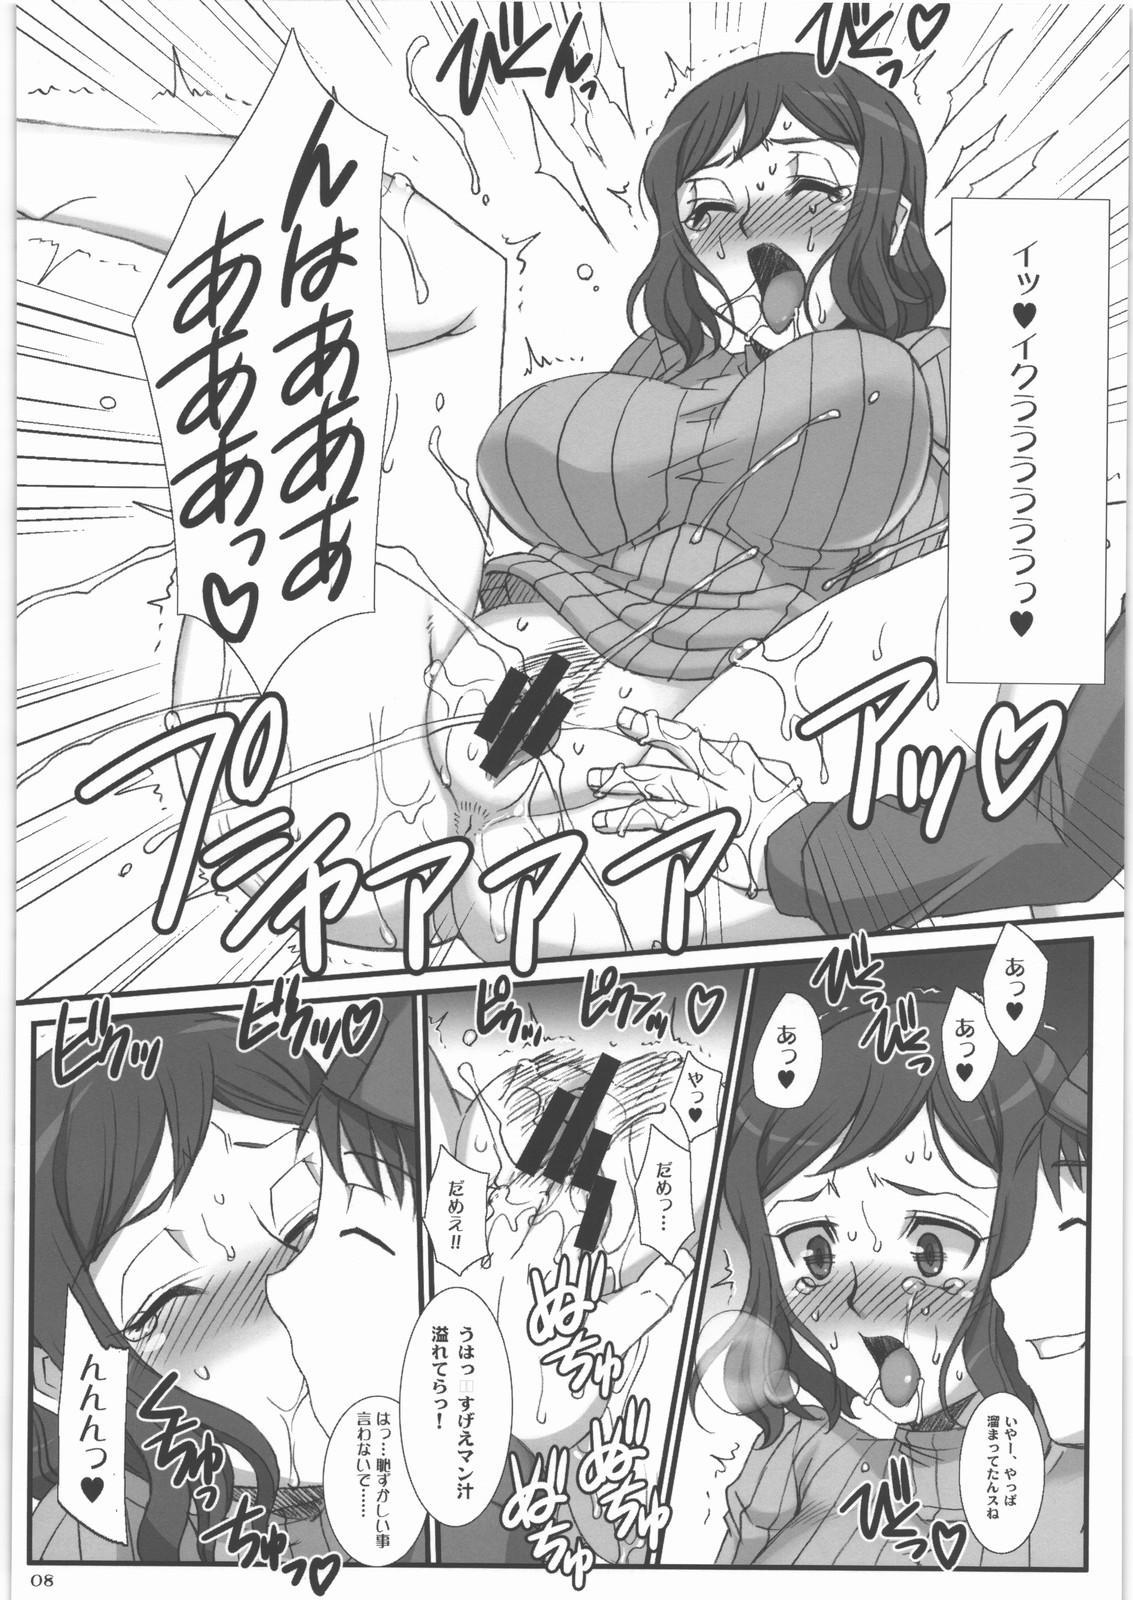 (C85) [H.B (B-RIVER)] Rin toshite Saku Hana no You ni - Saenai PlaMo-ya no Onna Tenshu ga Netorareru Monogatari (Gundam Build Fighters) 6